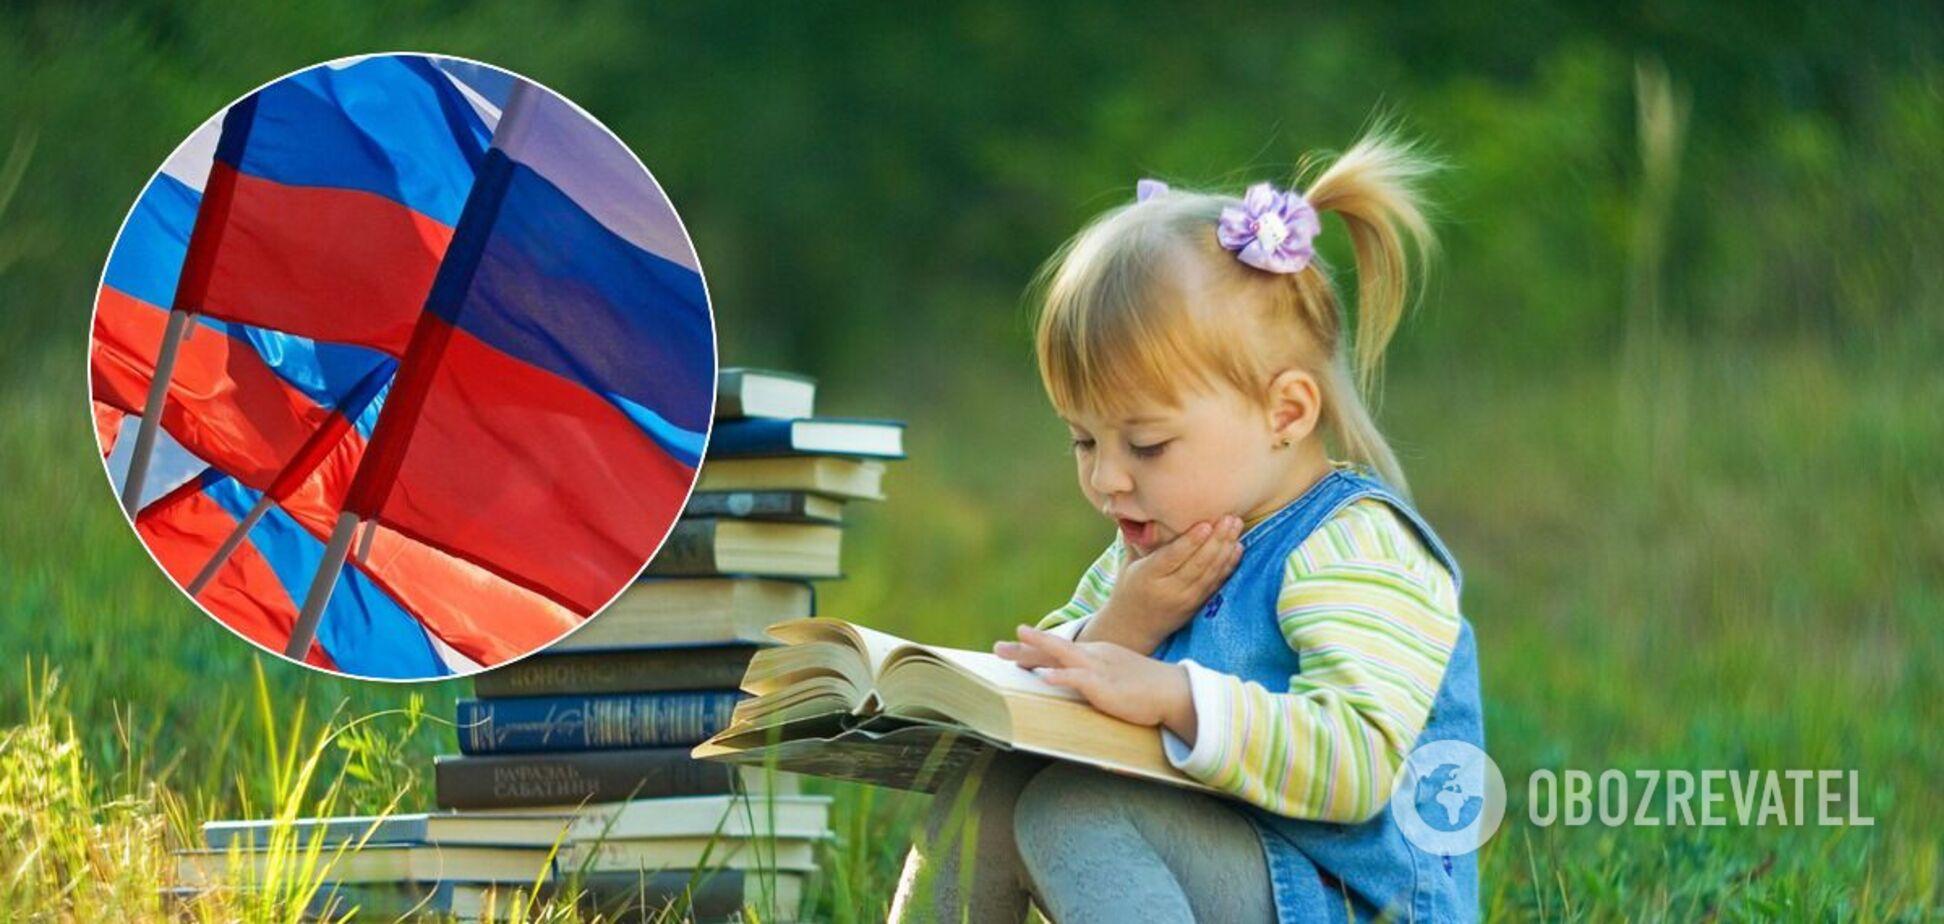 В Україну намагалися ввезти пропагандистські книги